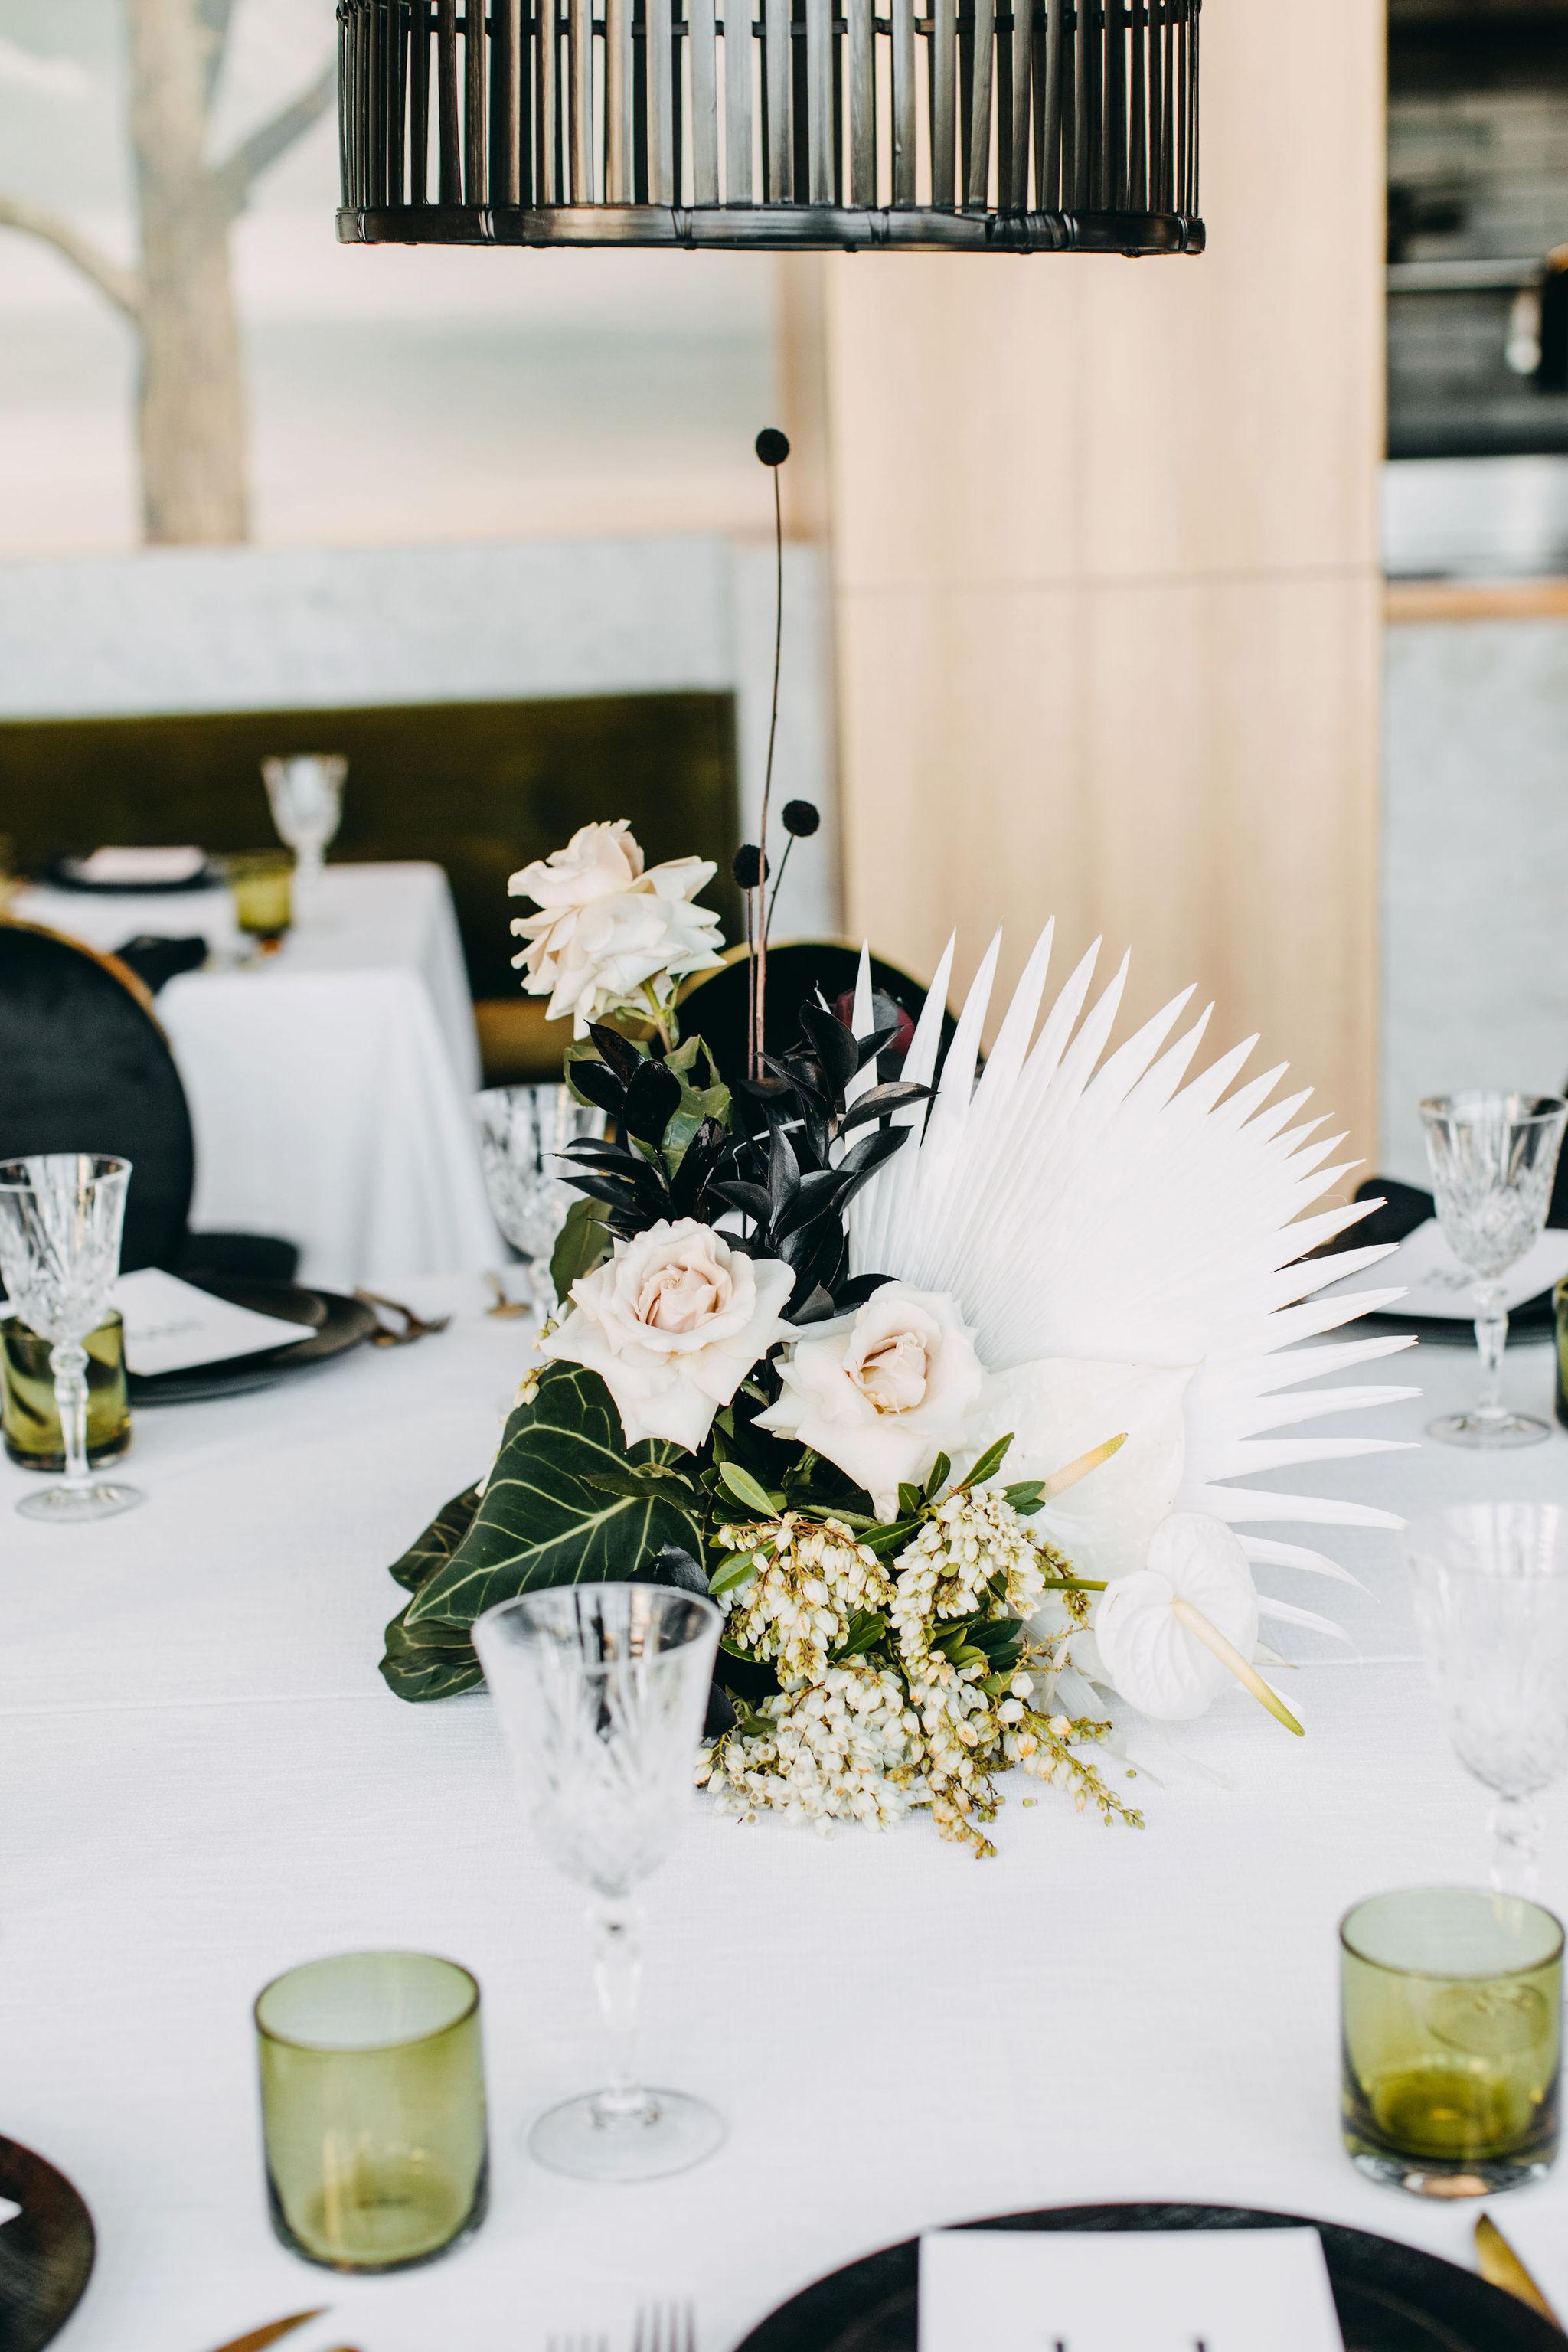 WEDDINGOPENDAY-STATEBUILDINGS-25AUG2019-27